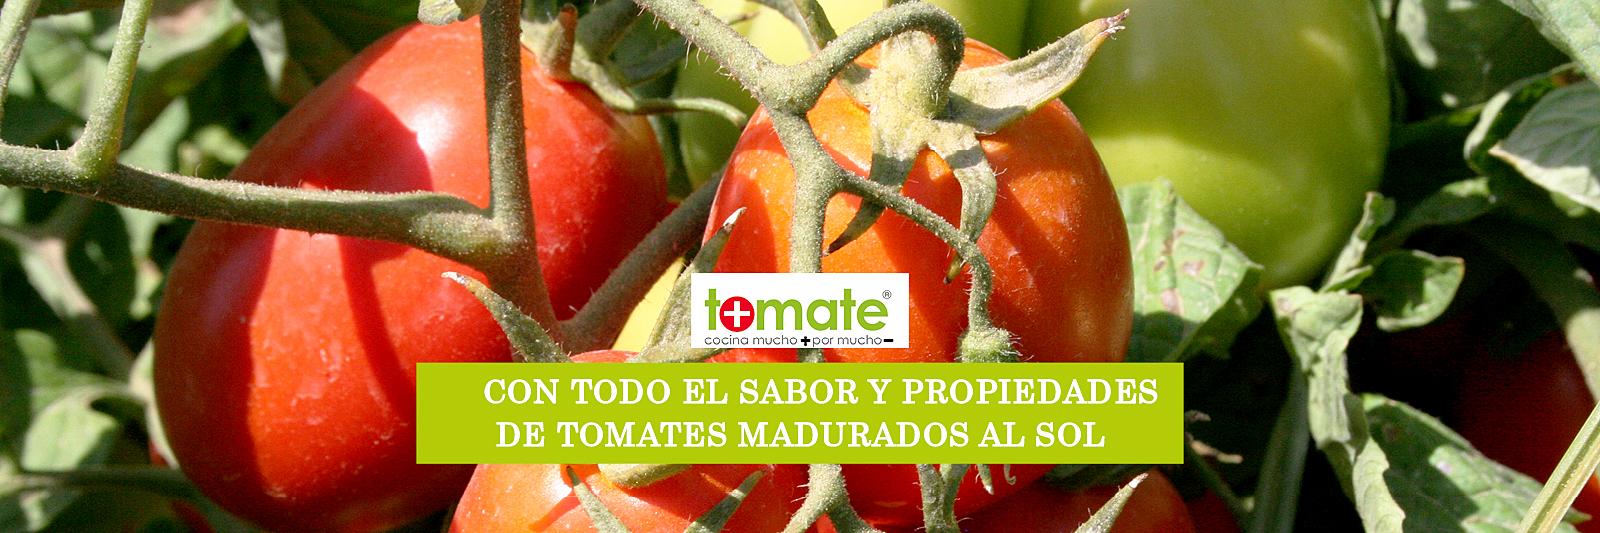 abor y propiedades del tomate fresco